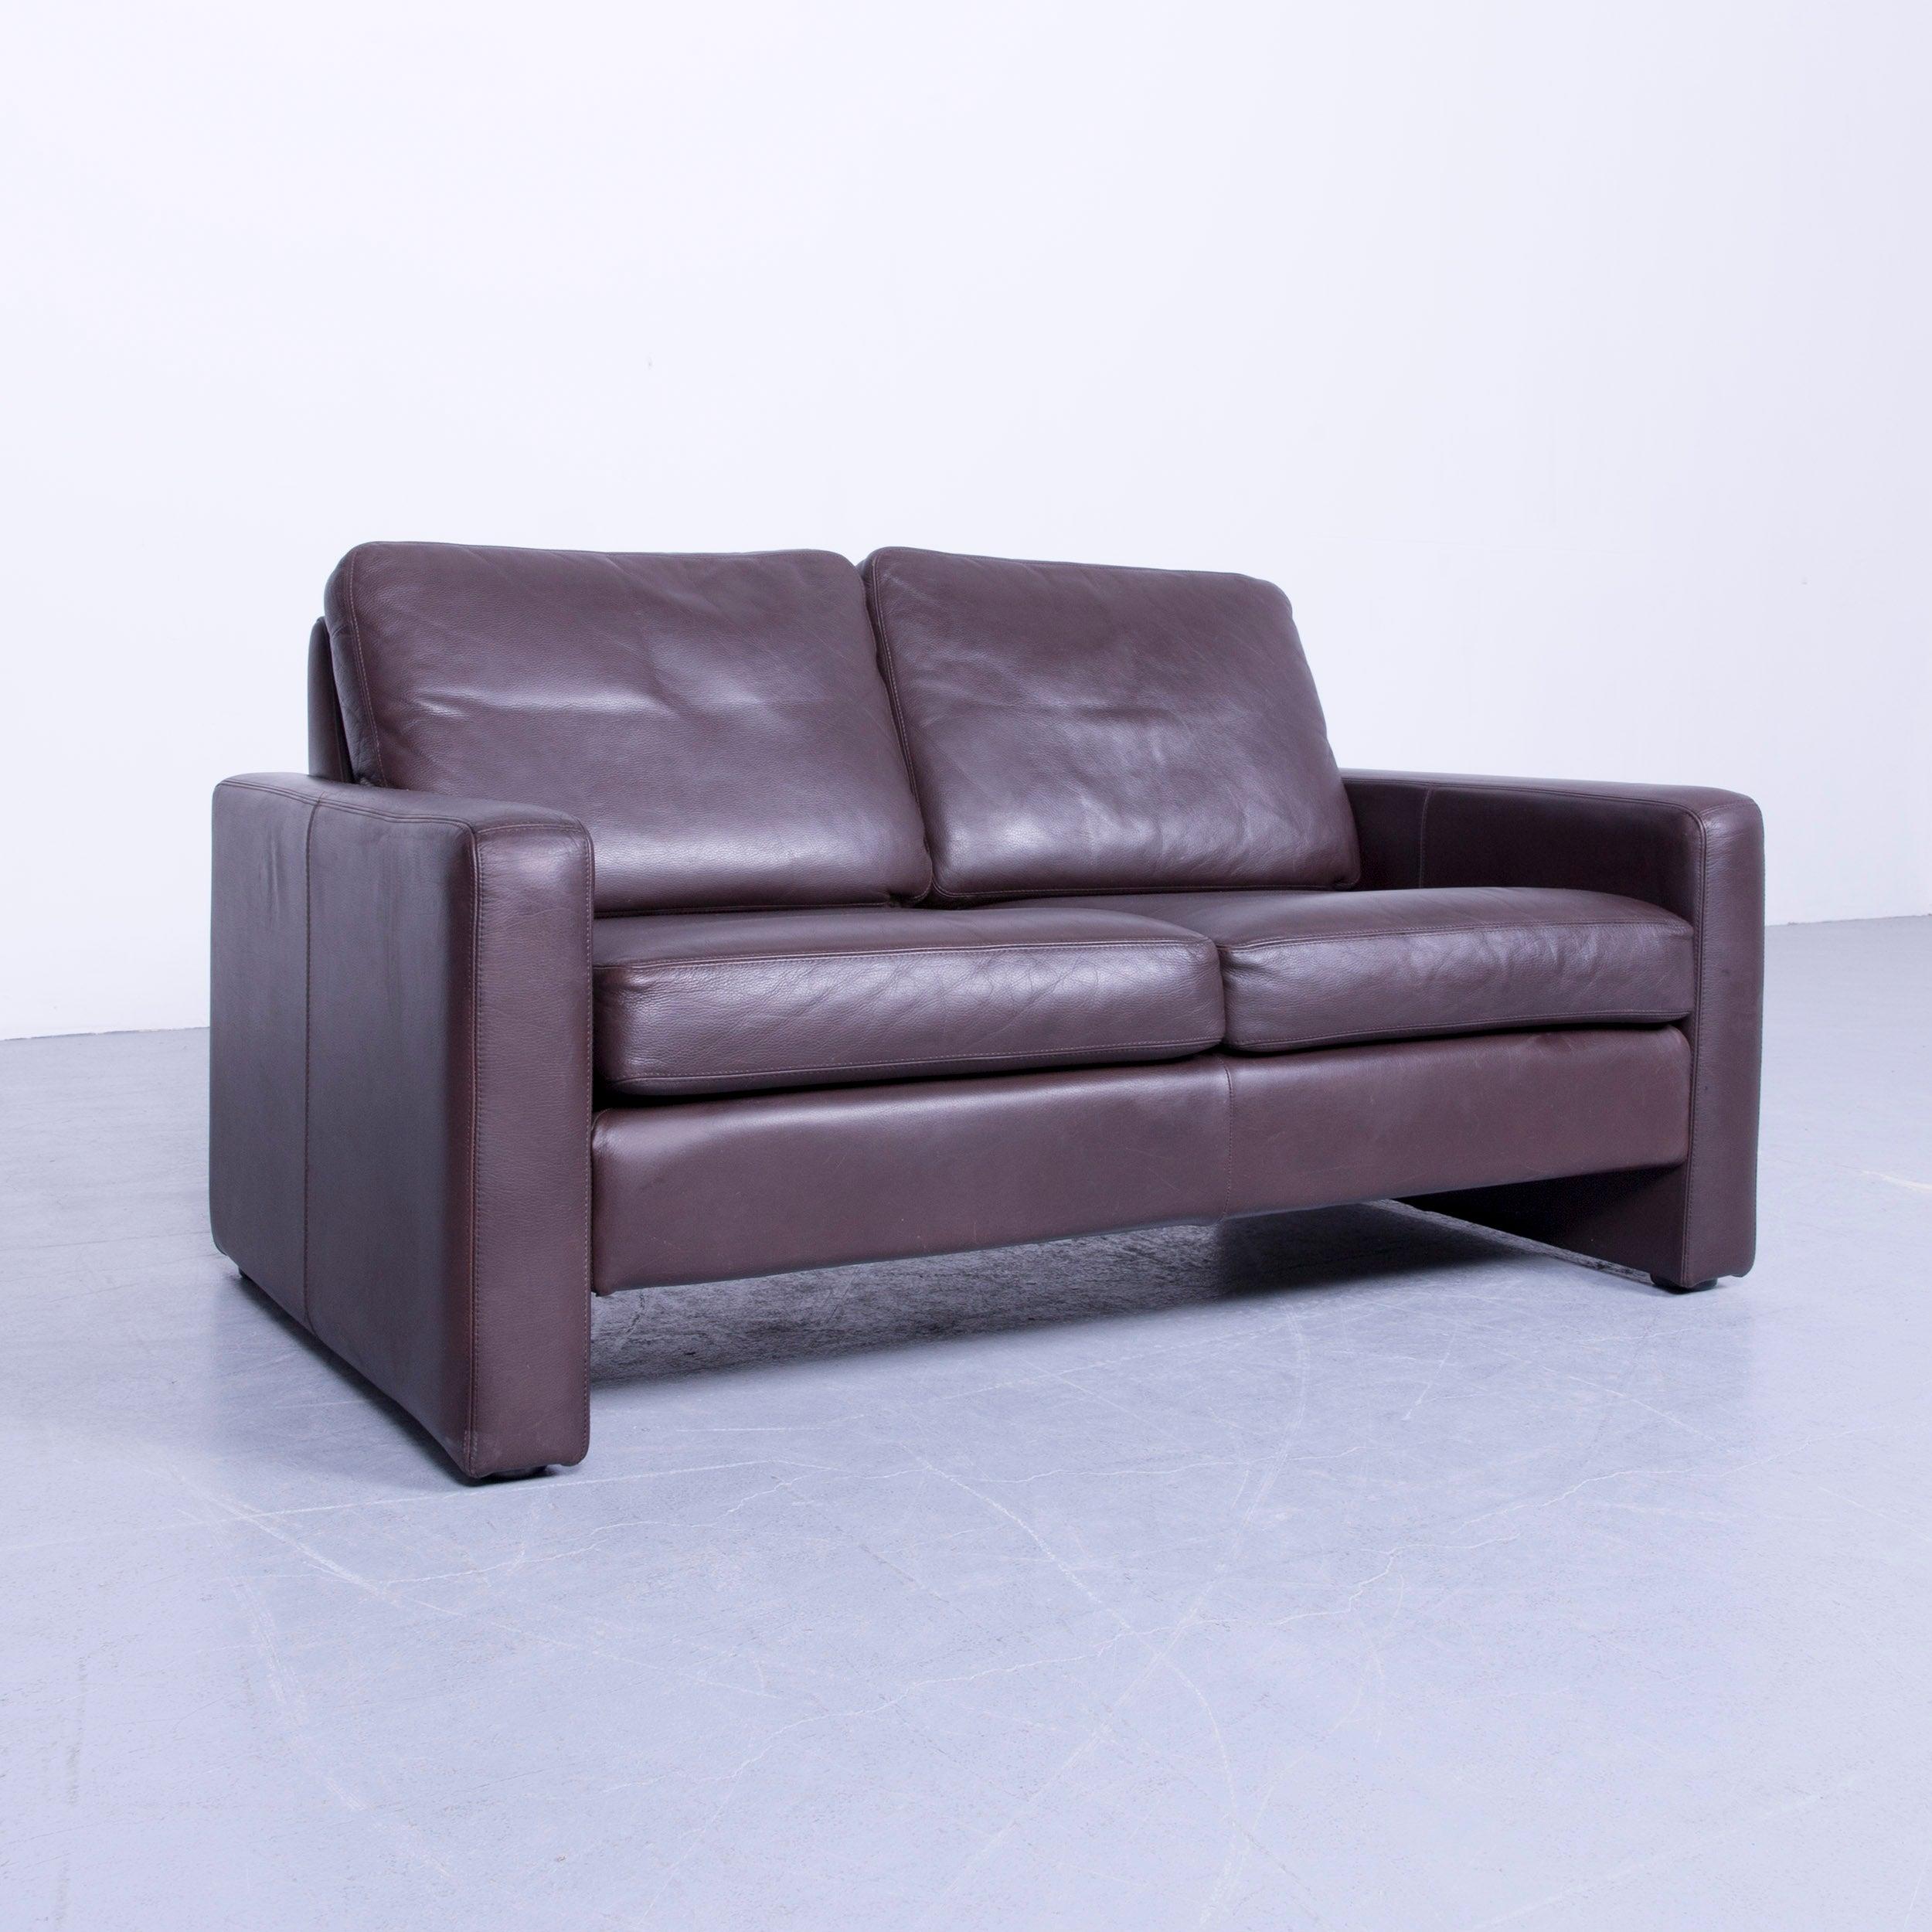 Cor Sofa. Beautiful Modular Sofa By Cor With Five Modules In Tan ...